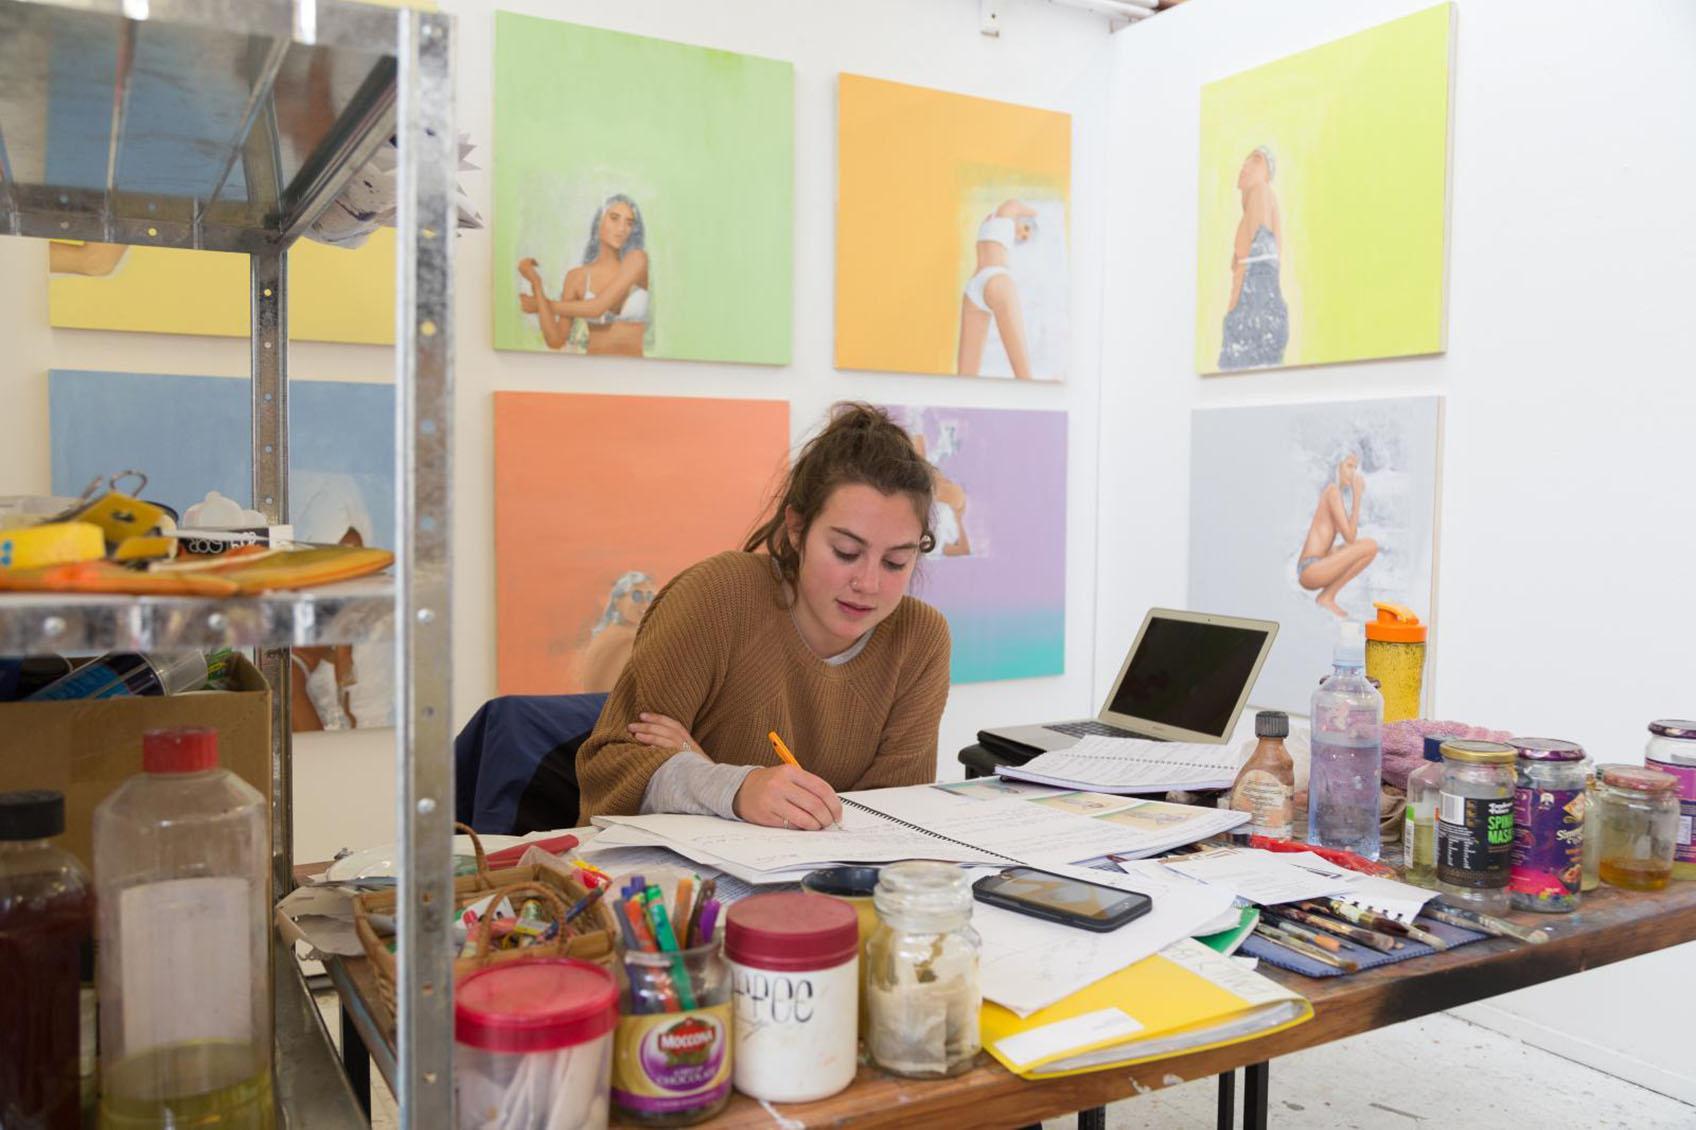 Fine Arts student in a studio